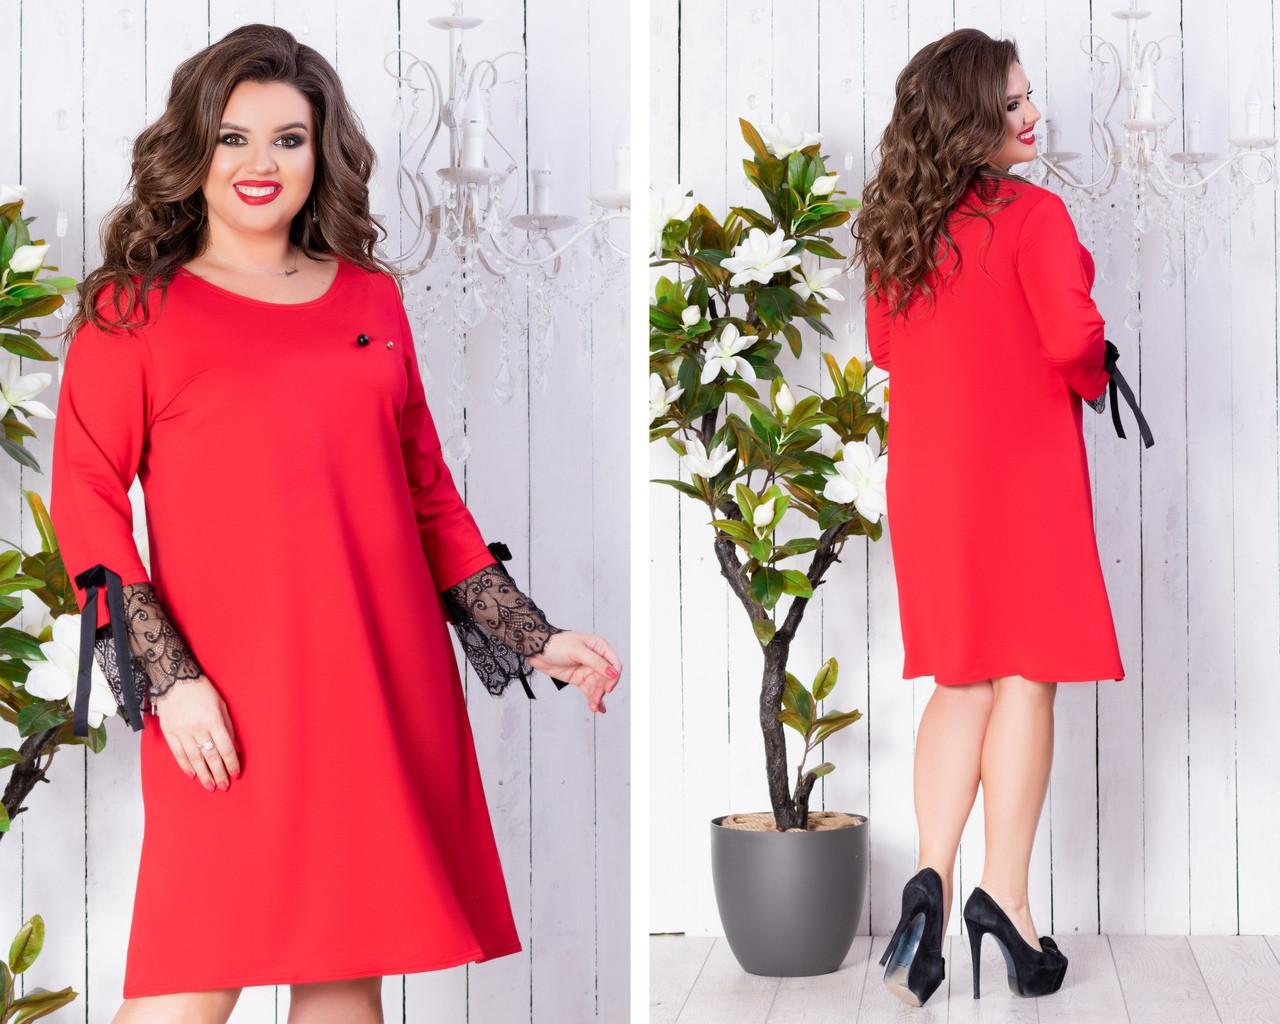 6051499f3be Женское нарядное платье свободного фасона трикотаж декор кружево размер 46 -48